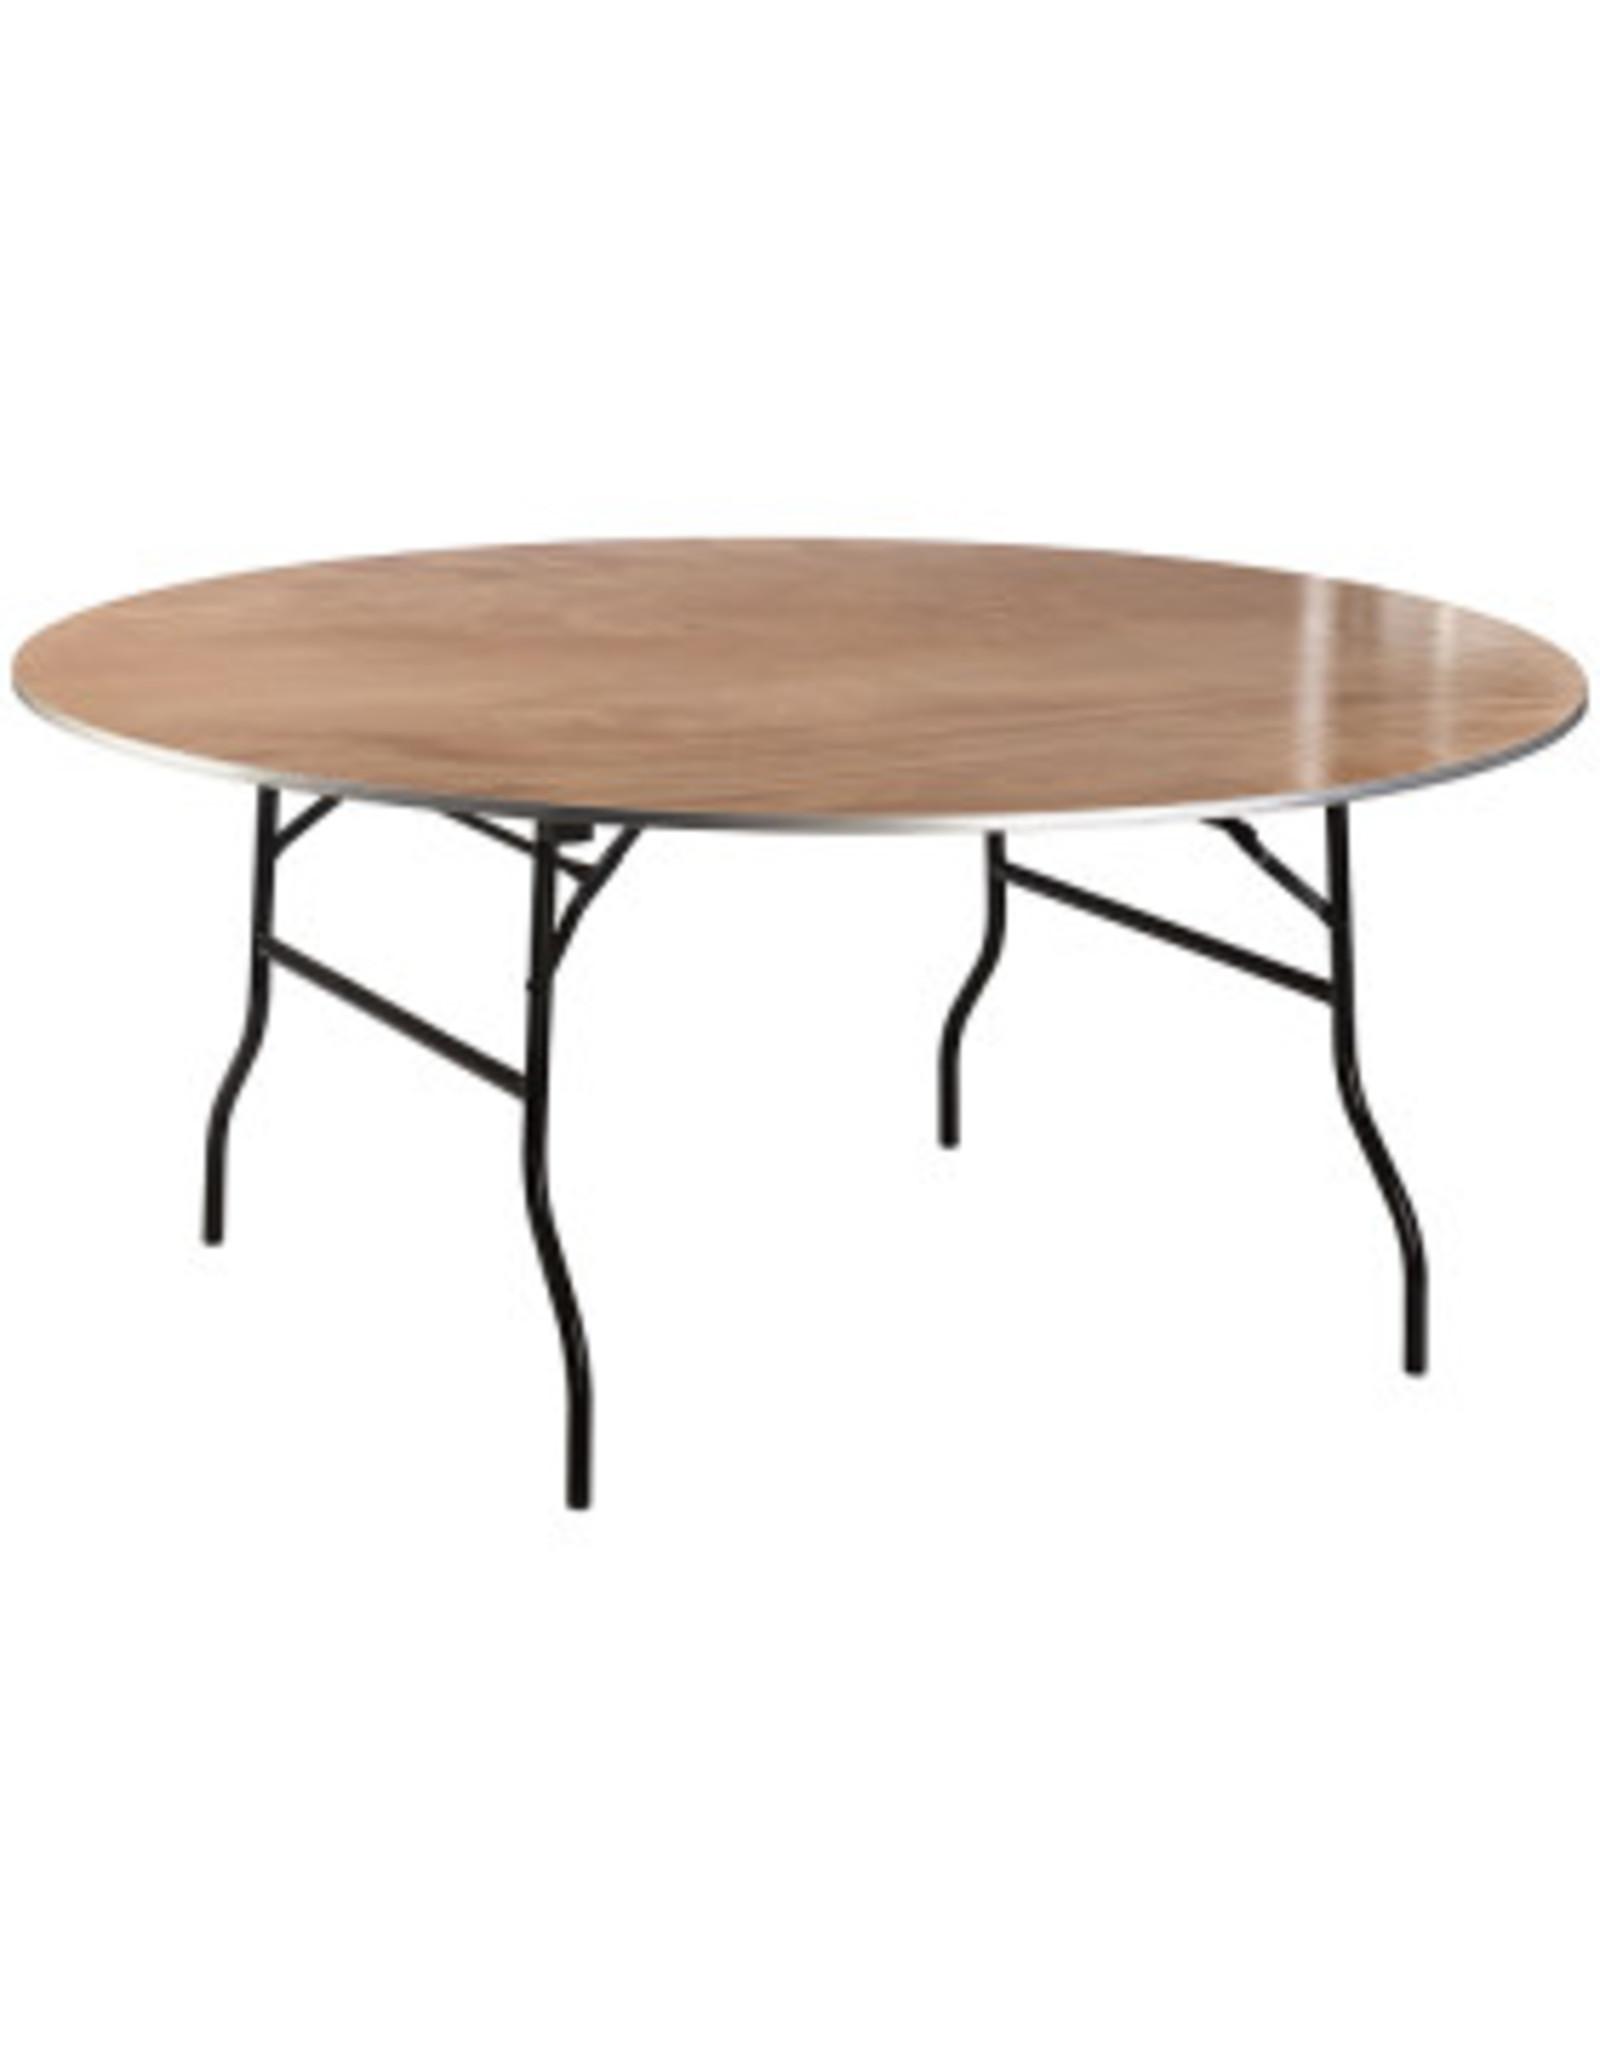 Stapelstuhl24 Banketttisch rund 180cm